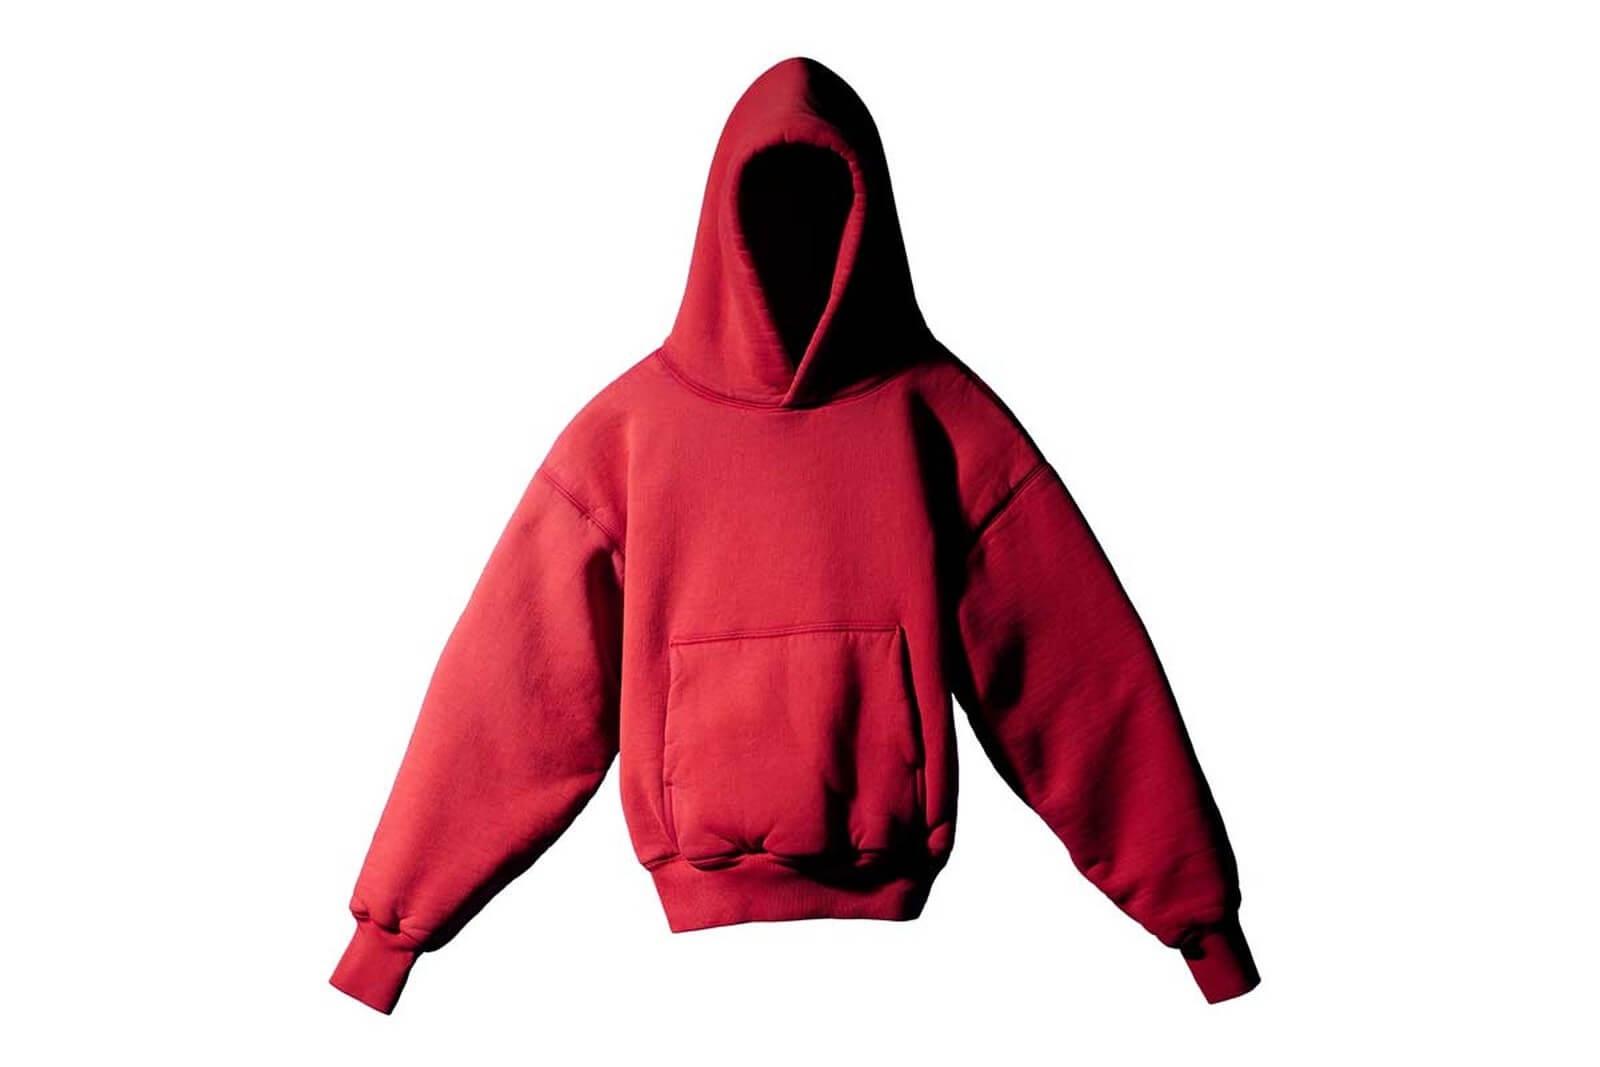 yeezy gap hoodie release date buy 4